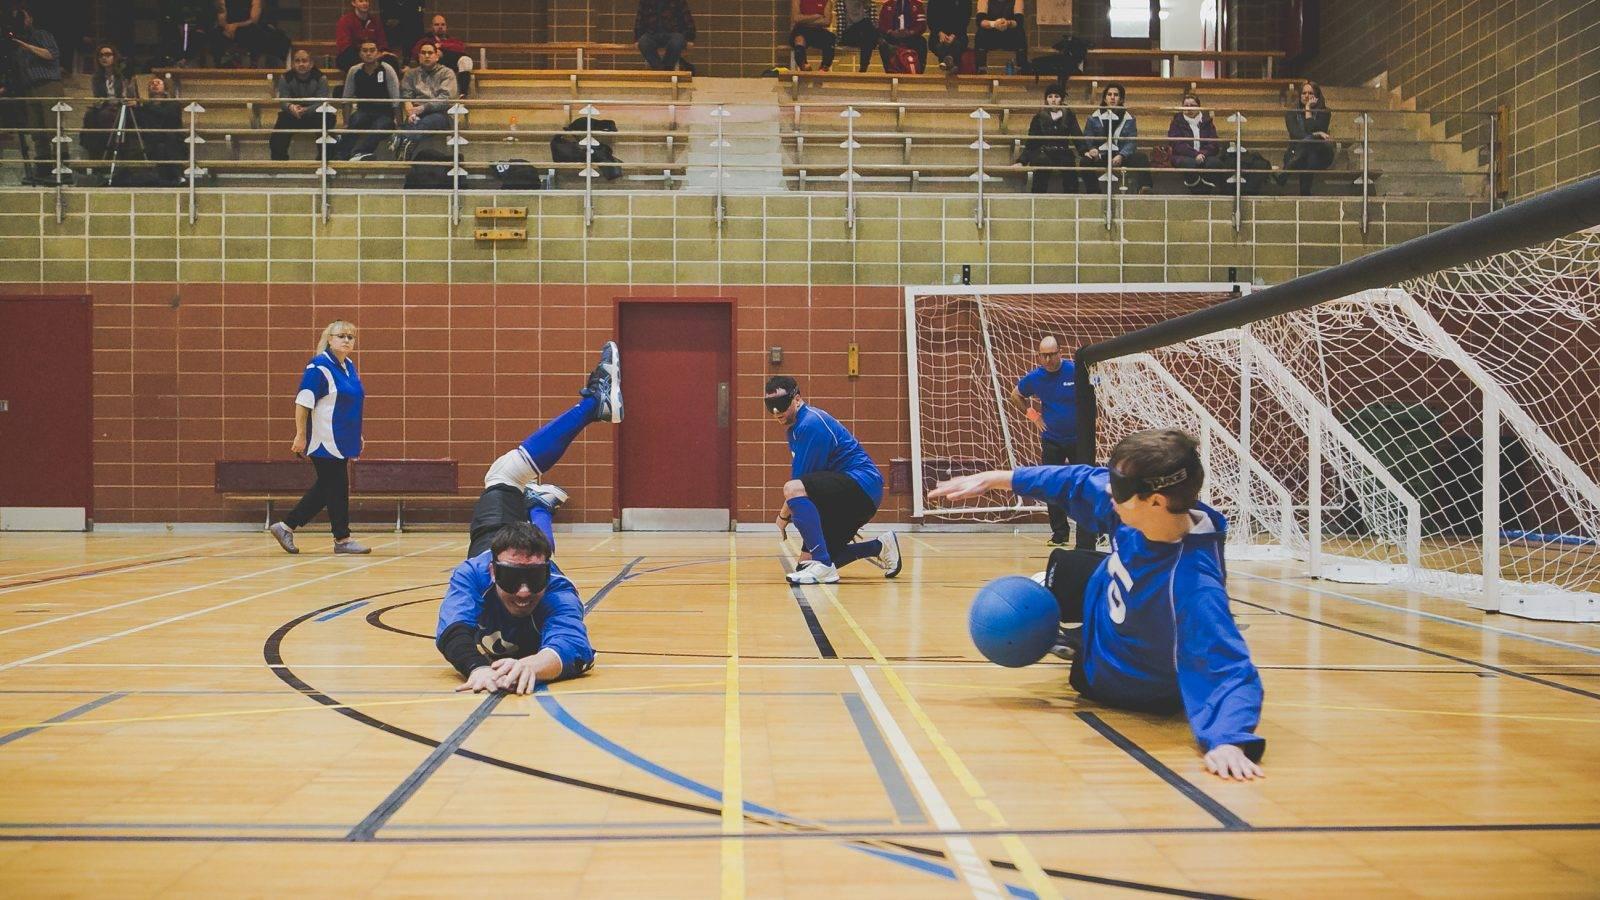 Photo. L'équipe québécoise en situation de jeu. De gauche à droite: Simon Tremblay, Bruno Haché et Tristan Lépine-Lacroix. Crédit photo: Merryl B. Photographe